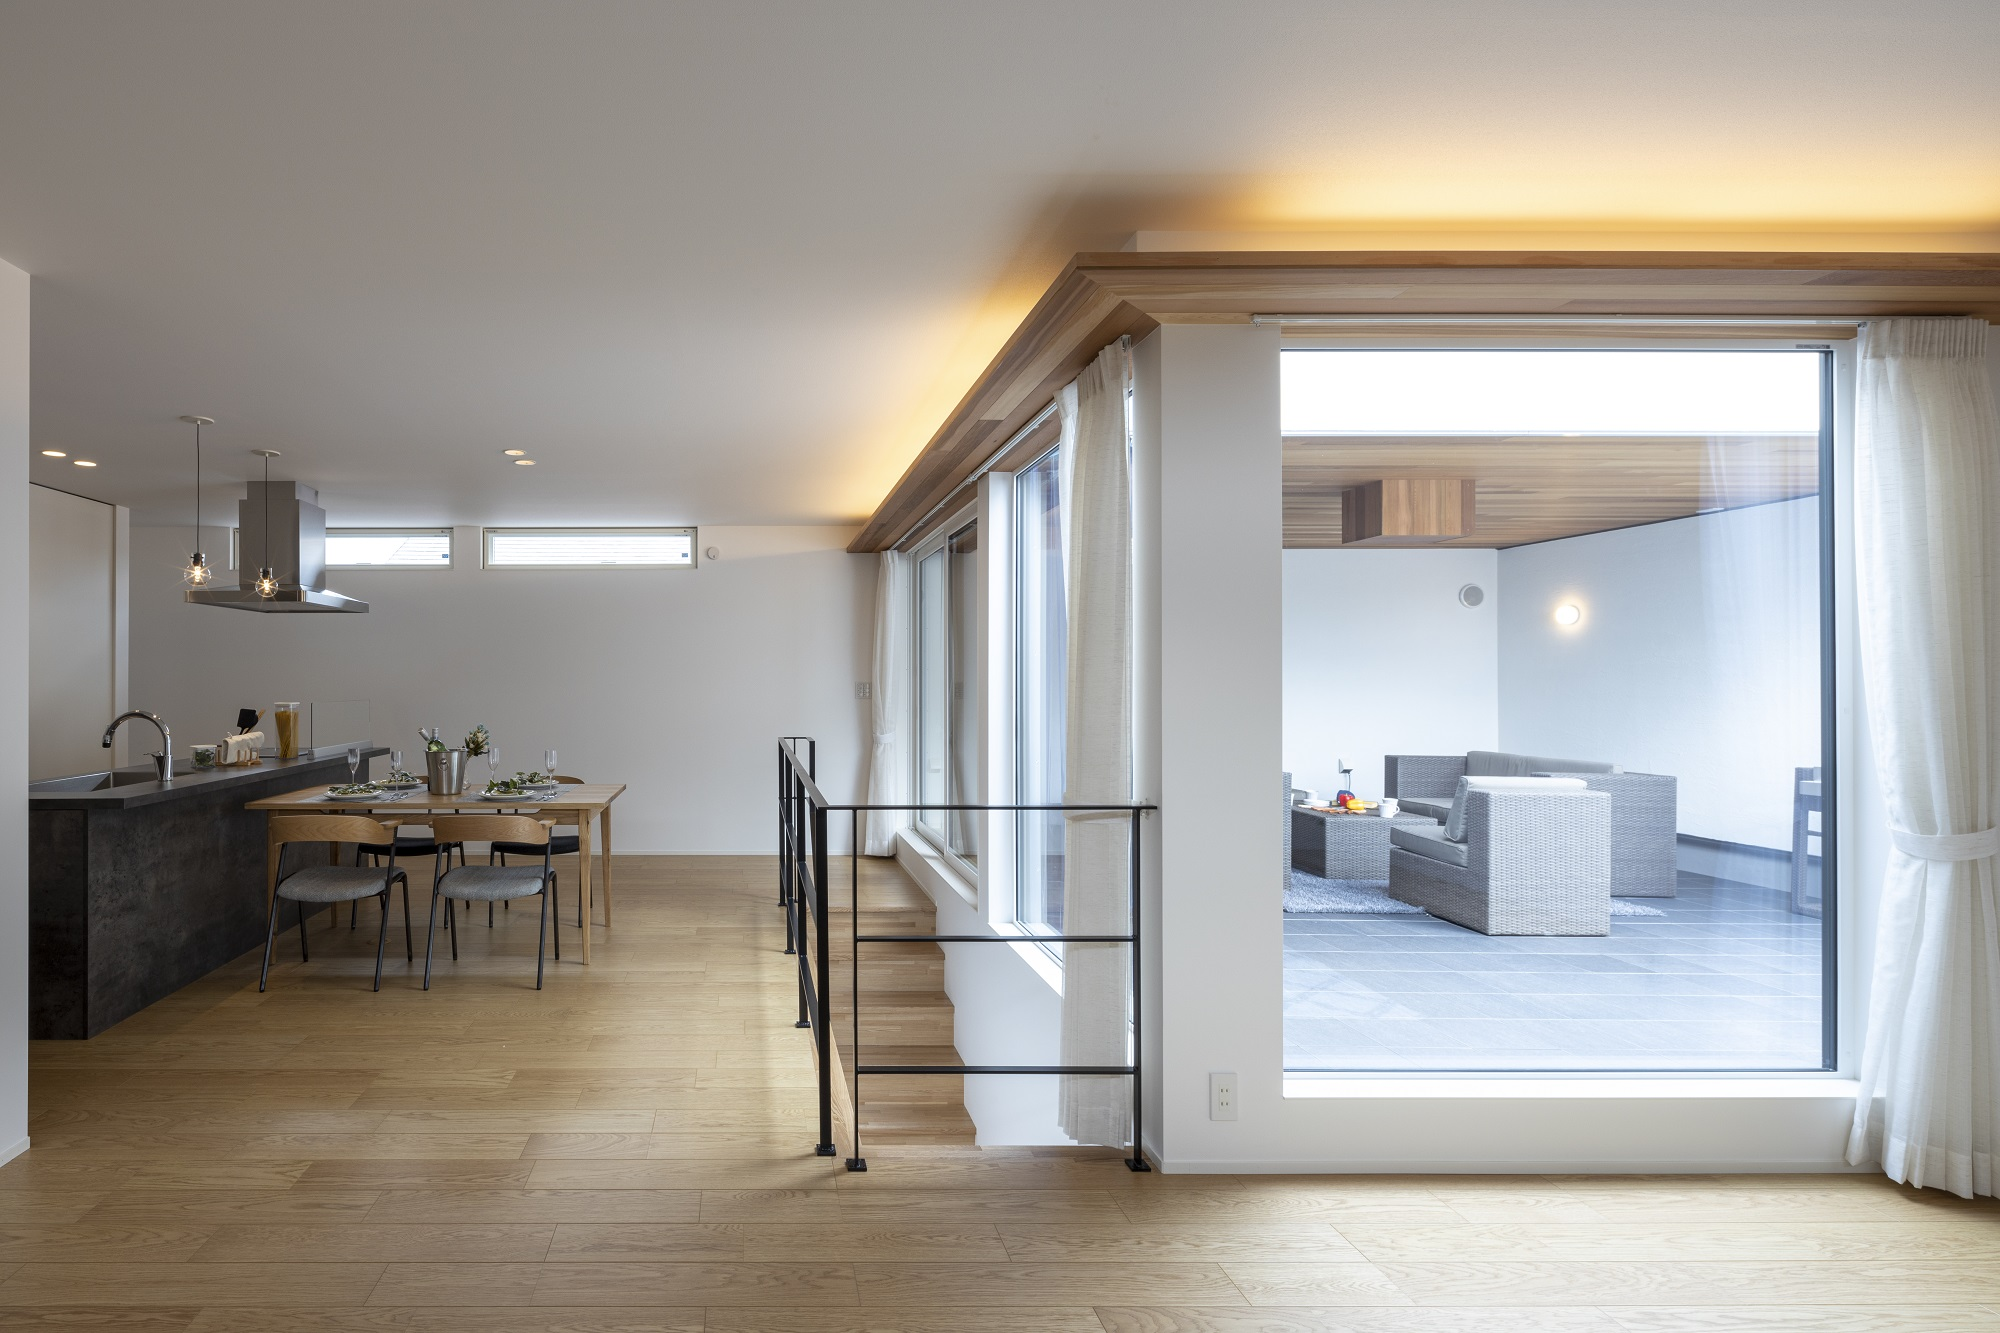 スタイルカーサ【デザイン住宅、趣味、屋上バルコニー】LDKとスカイテラスのつながり。2Fのどこにいてもお互いを感じられる空間になっている。スカイテラスから続くレッドシダー張りの天井は室内に入ったところで間接照明に。中で楽しみ、外で楽しむ